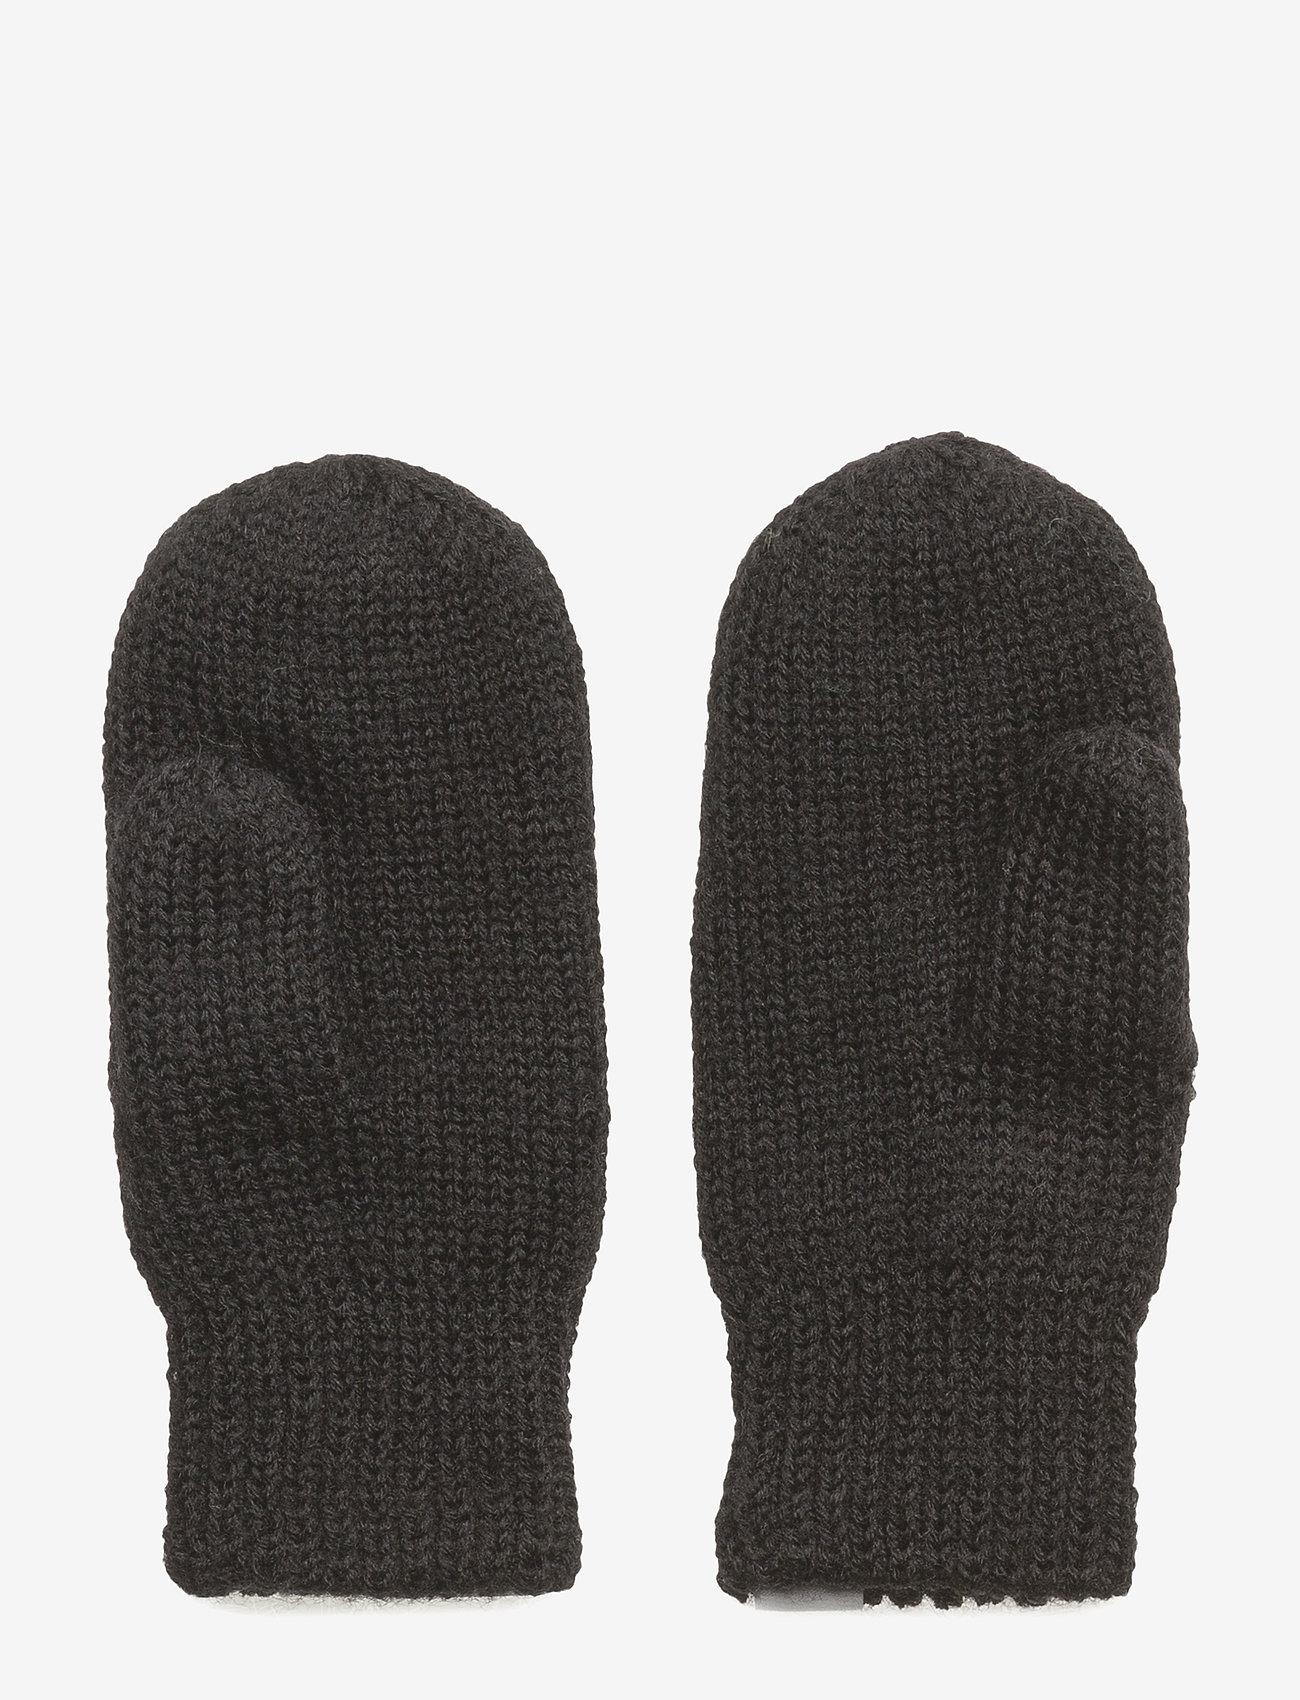 Polarn O. Pyret - Mitten Wool Baby - black - 1